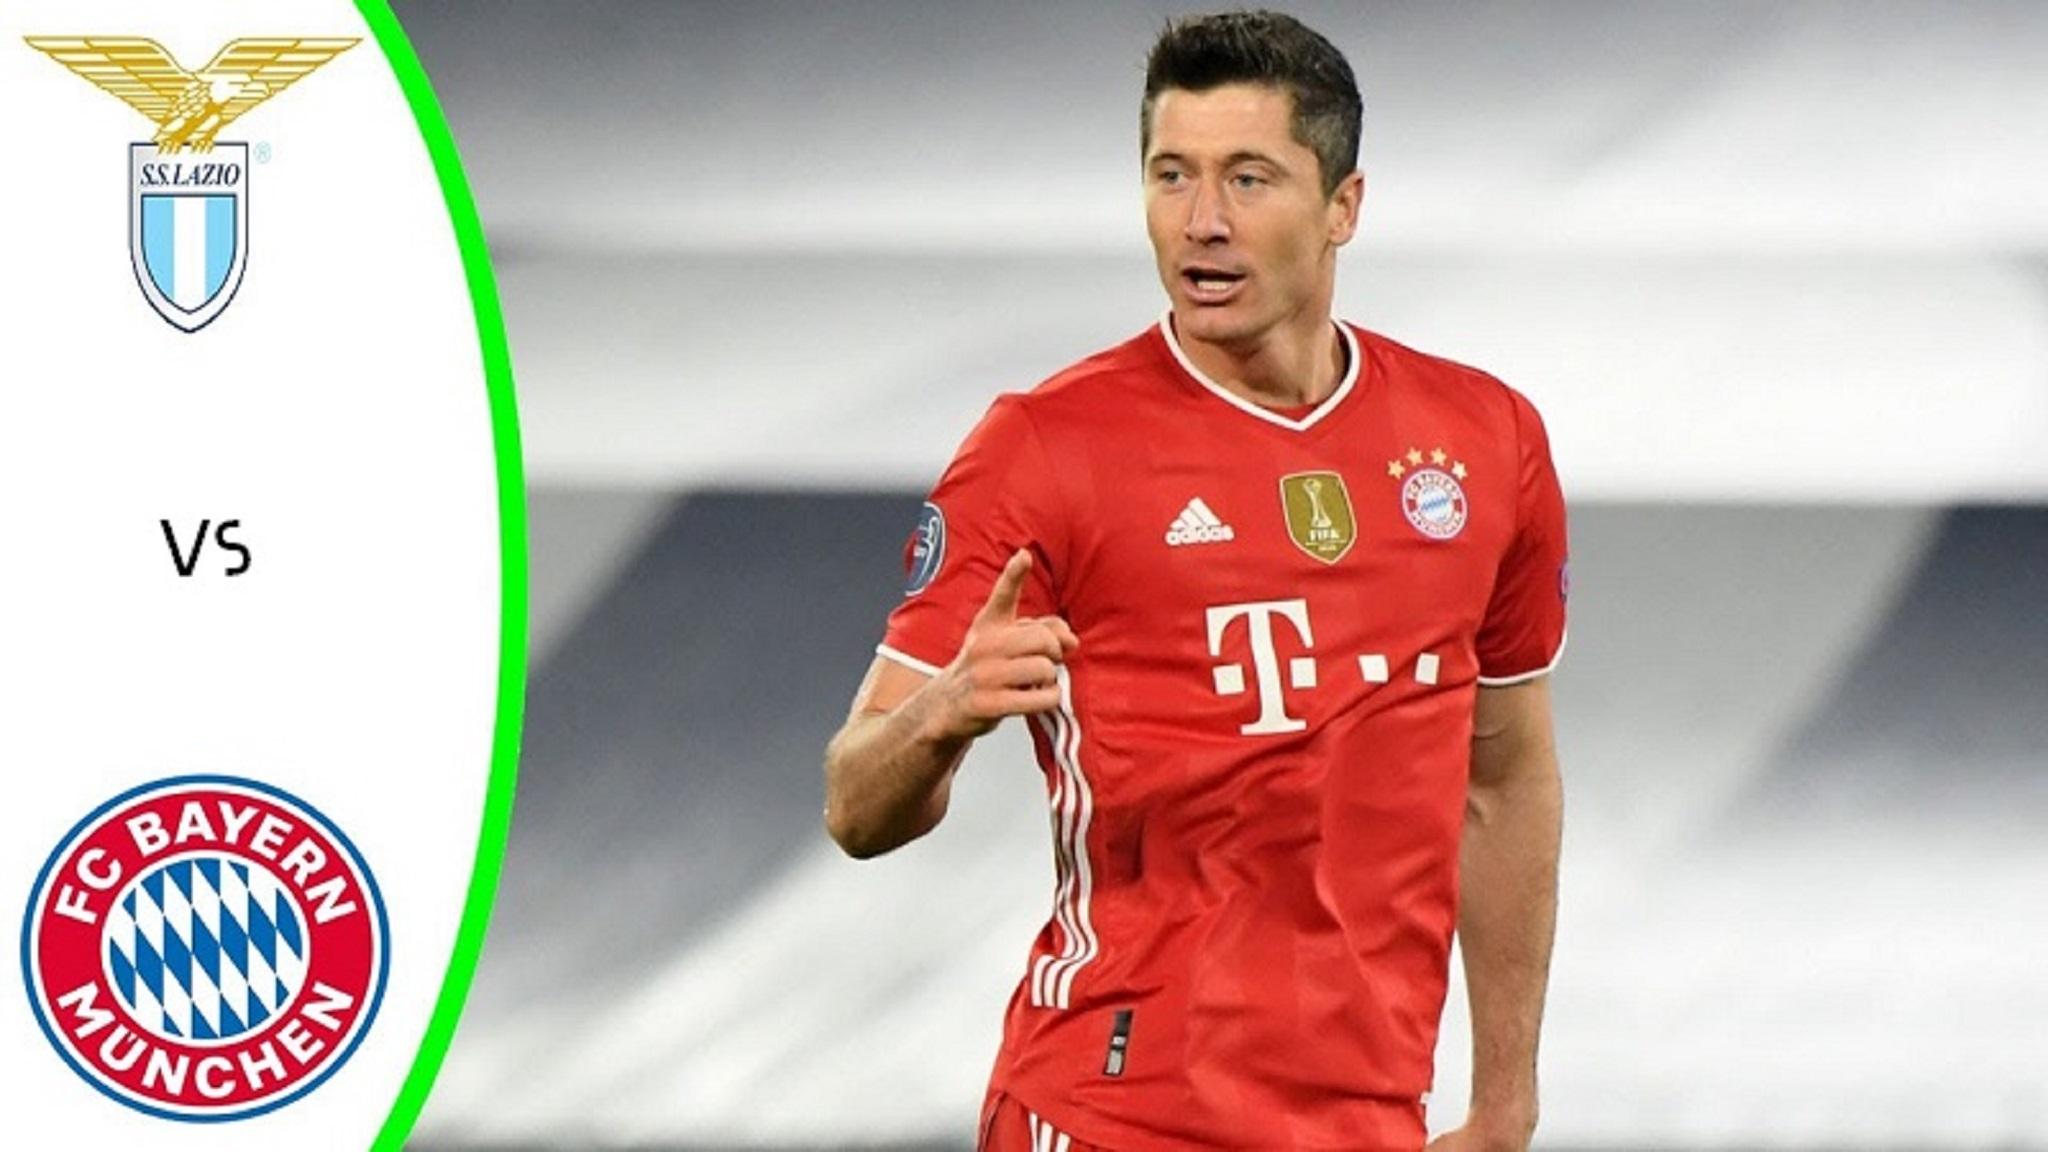 Highlights Lazio vs Bayern Munich | UCL 24 Feb 2021